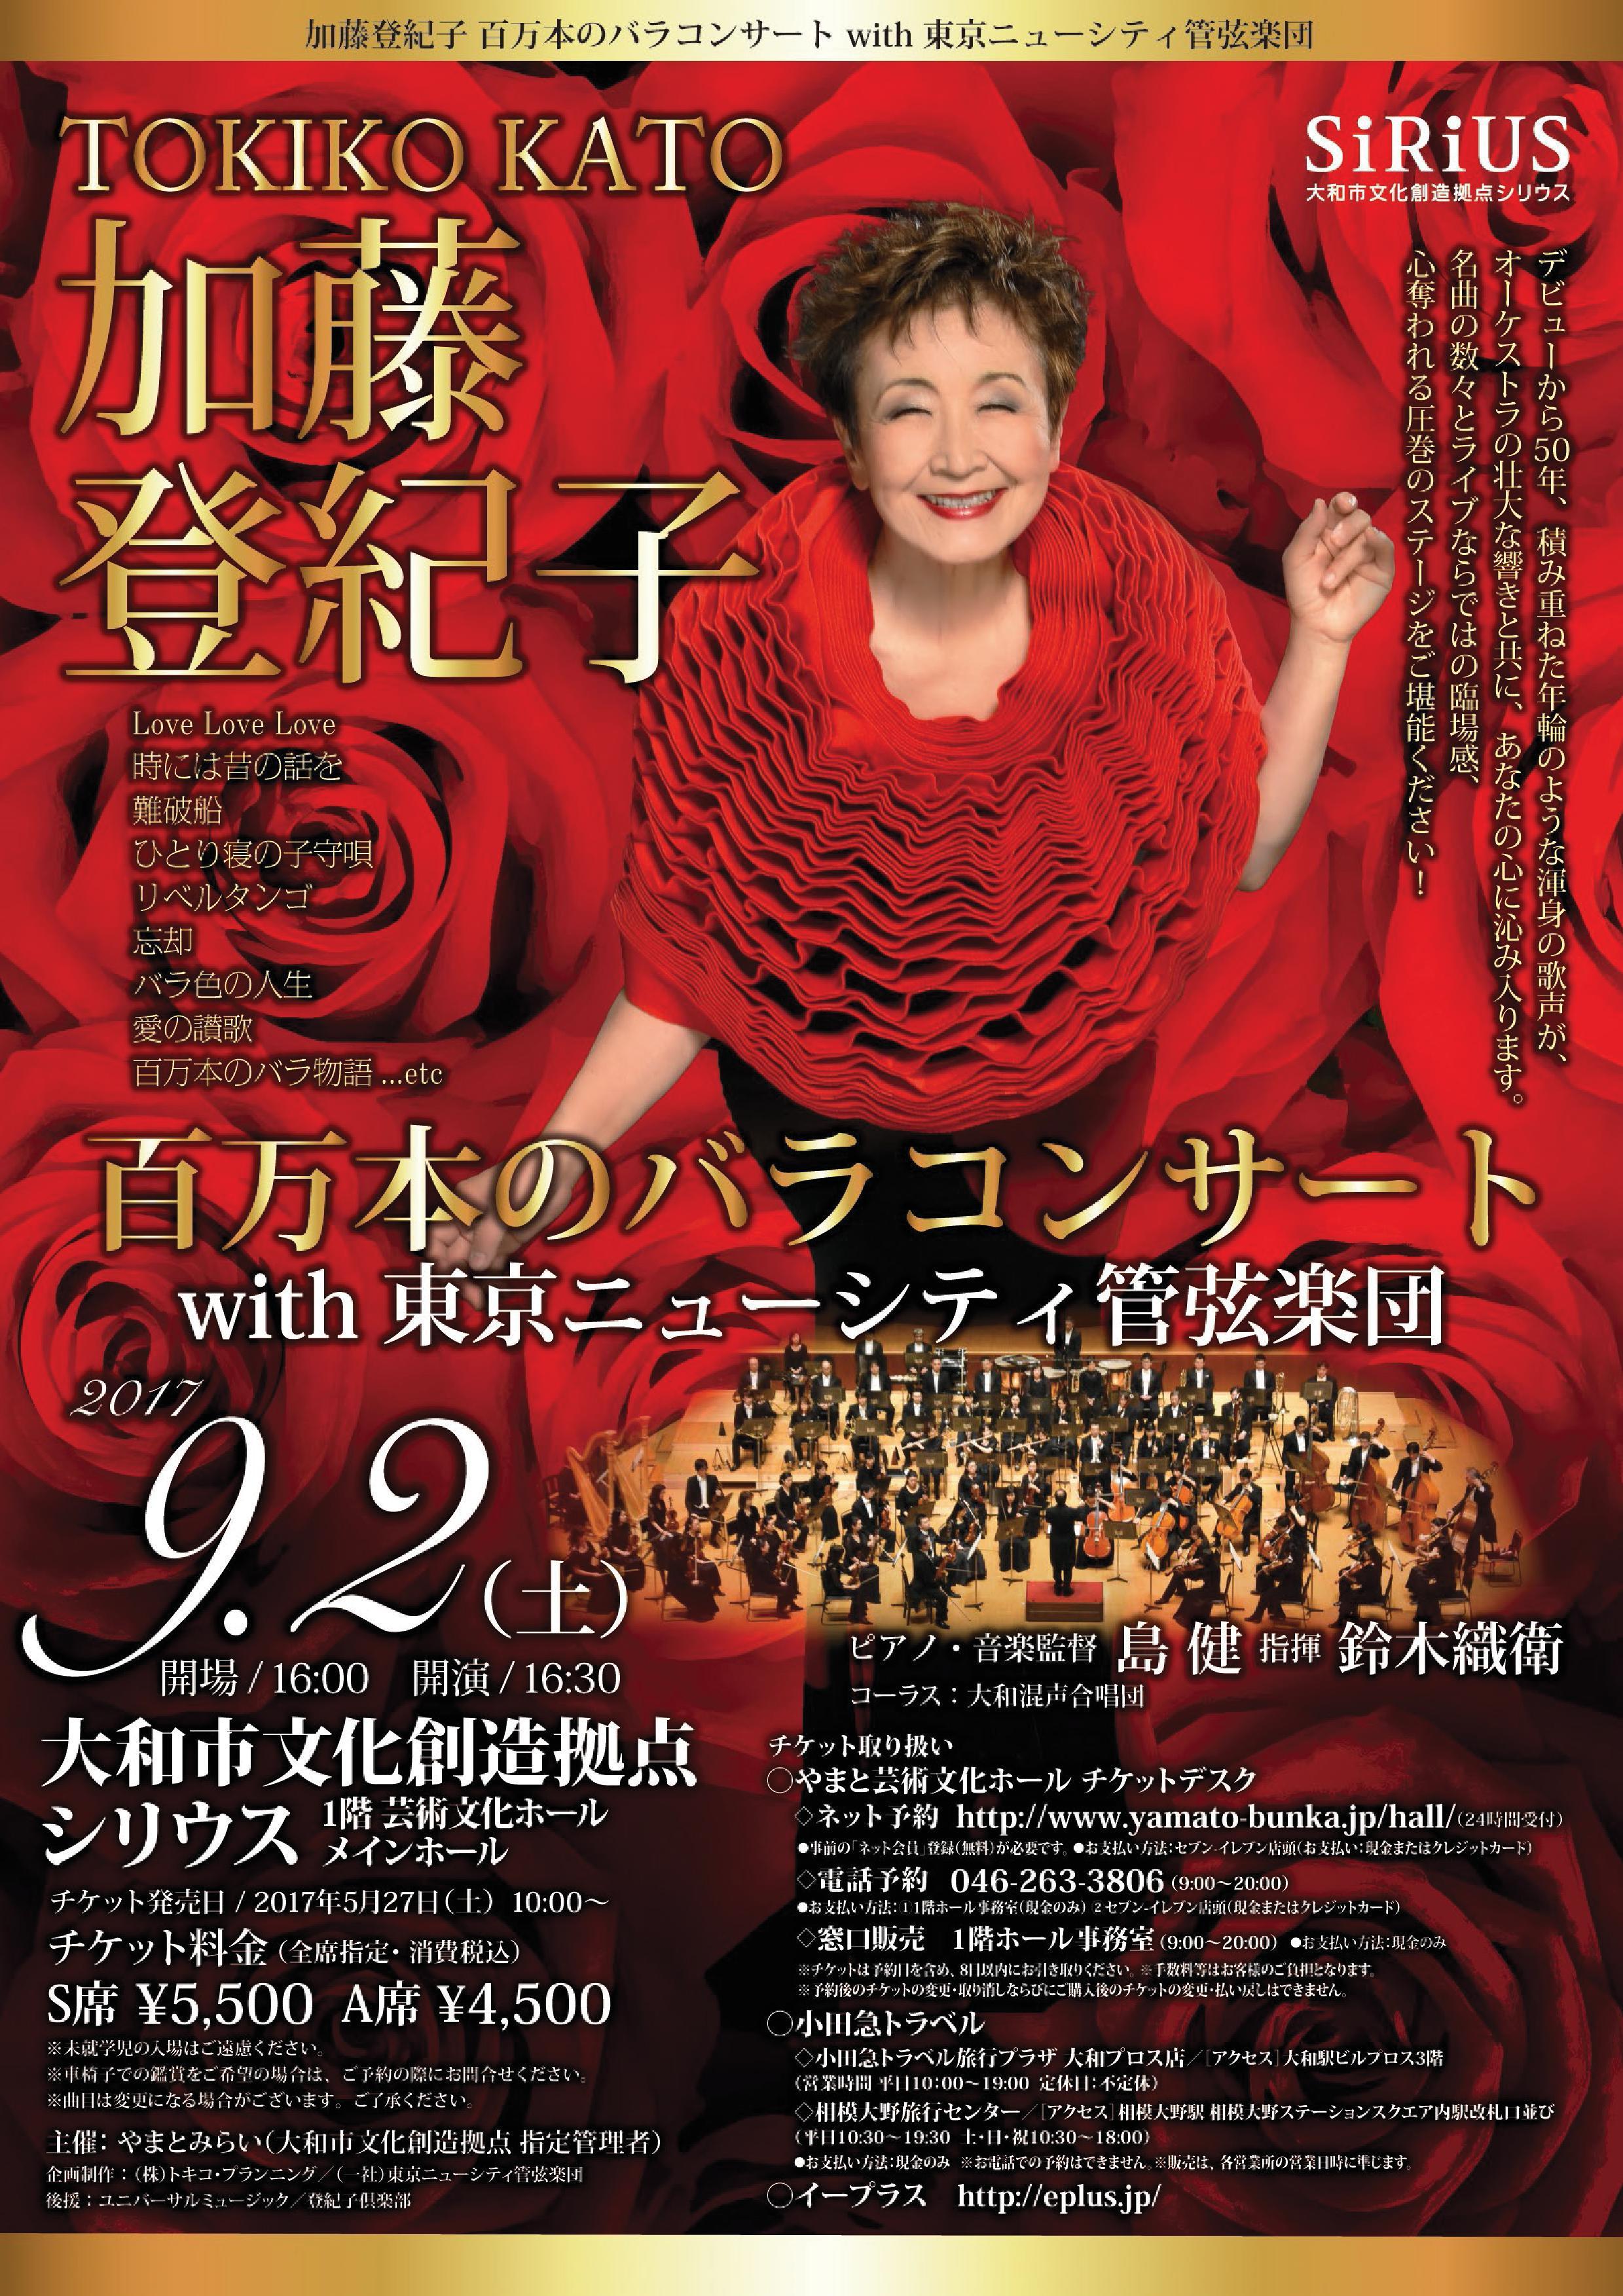 加藤登紀子百万本のバラコンサートwith 東京ニューシティ管弦楽団